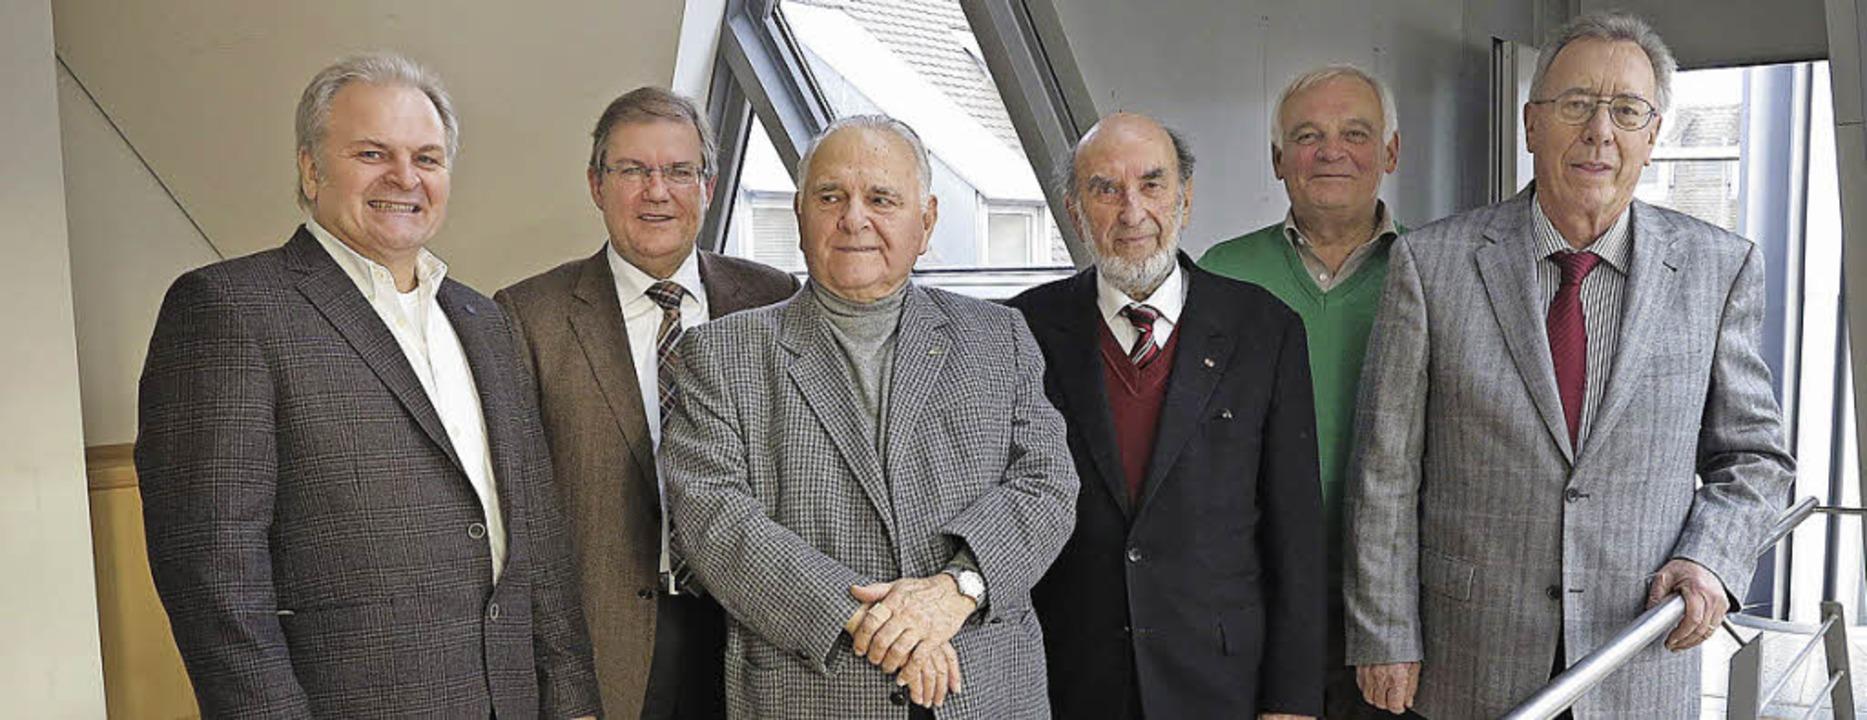 Der Archäologe Bertram Jenisch und Bür...tmut Scheidt und Friedrich Schöpflin.   | Foto: Philipp